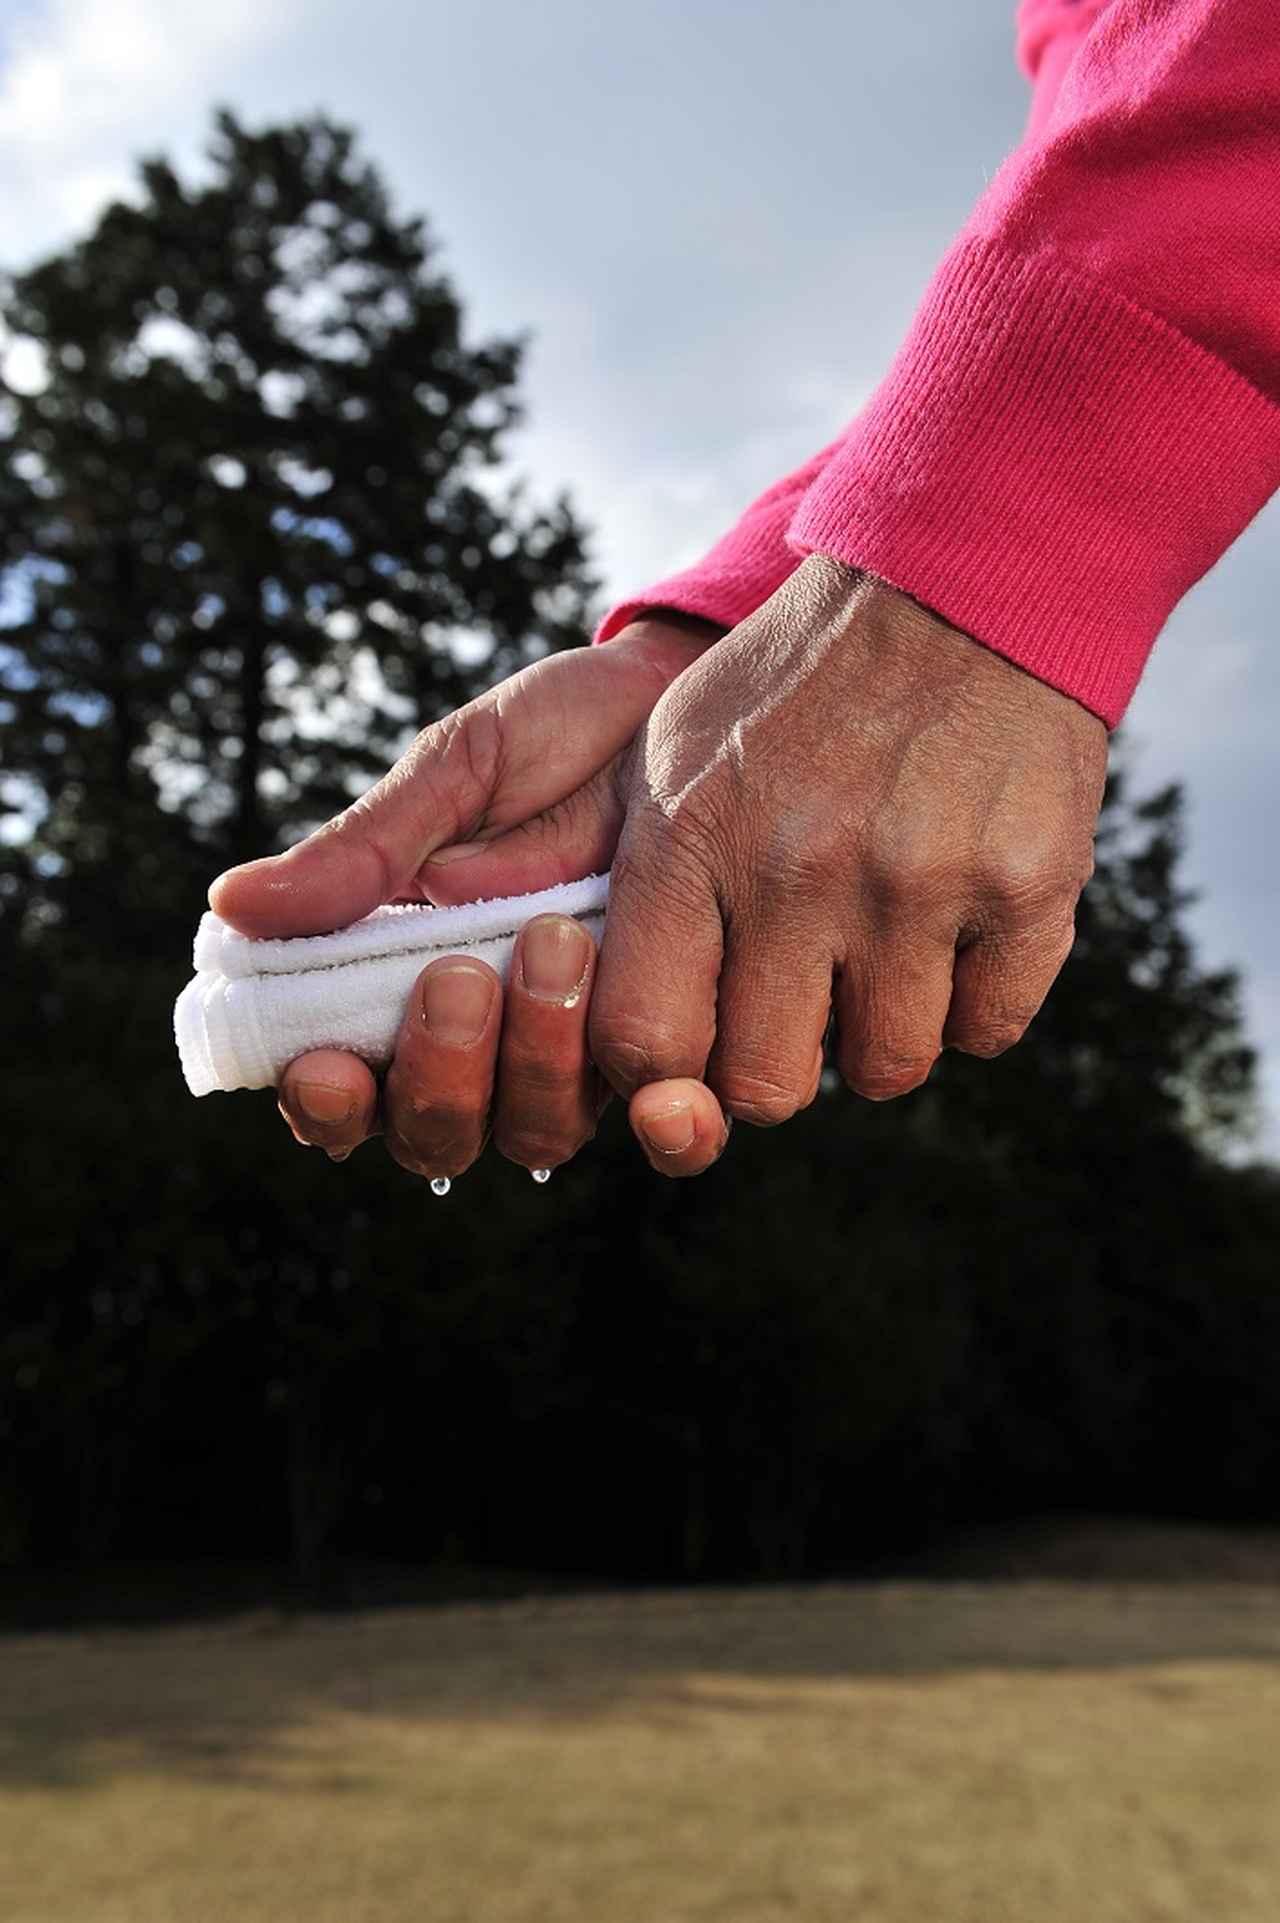 画像: 崎山流のグリップはしずくが垂れるか垂れないか程度。水が垂れすぎるようならヘッドは走らないぞ!